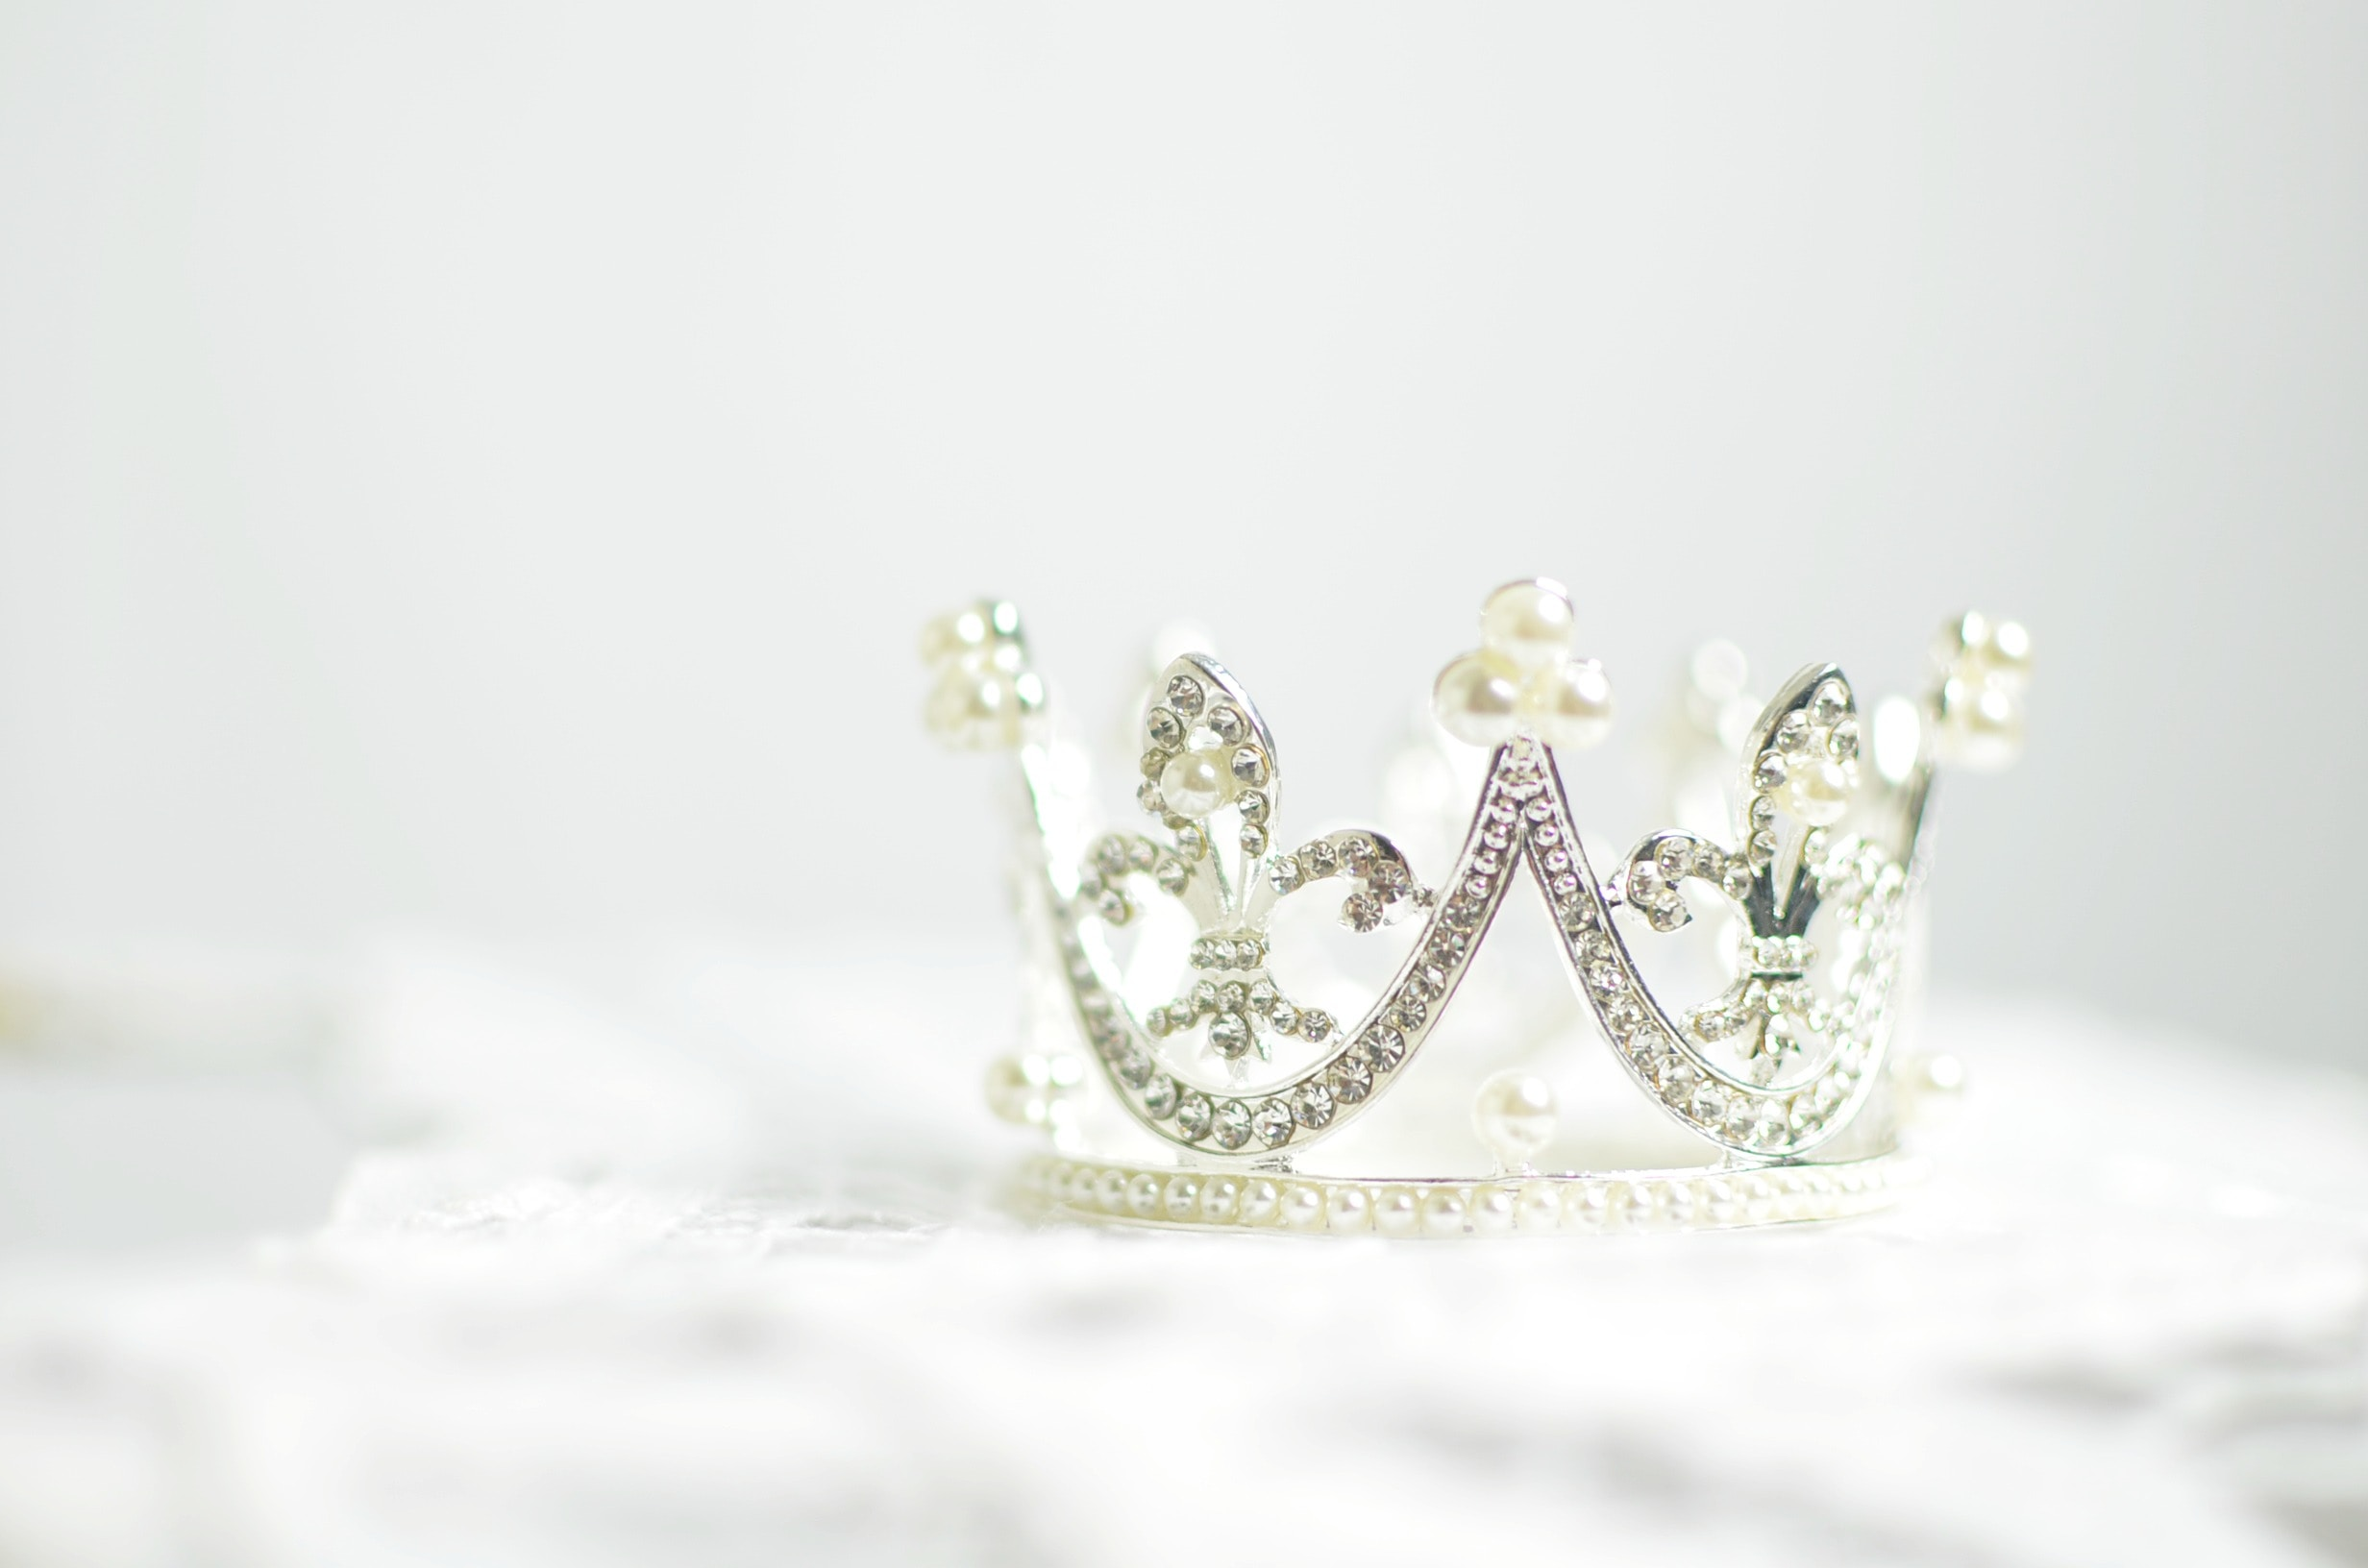 A white crown - the symbol of privilege